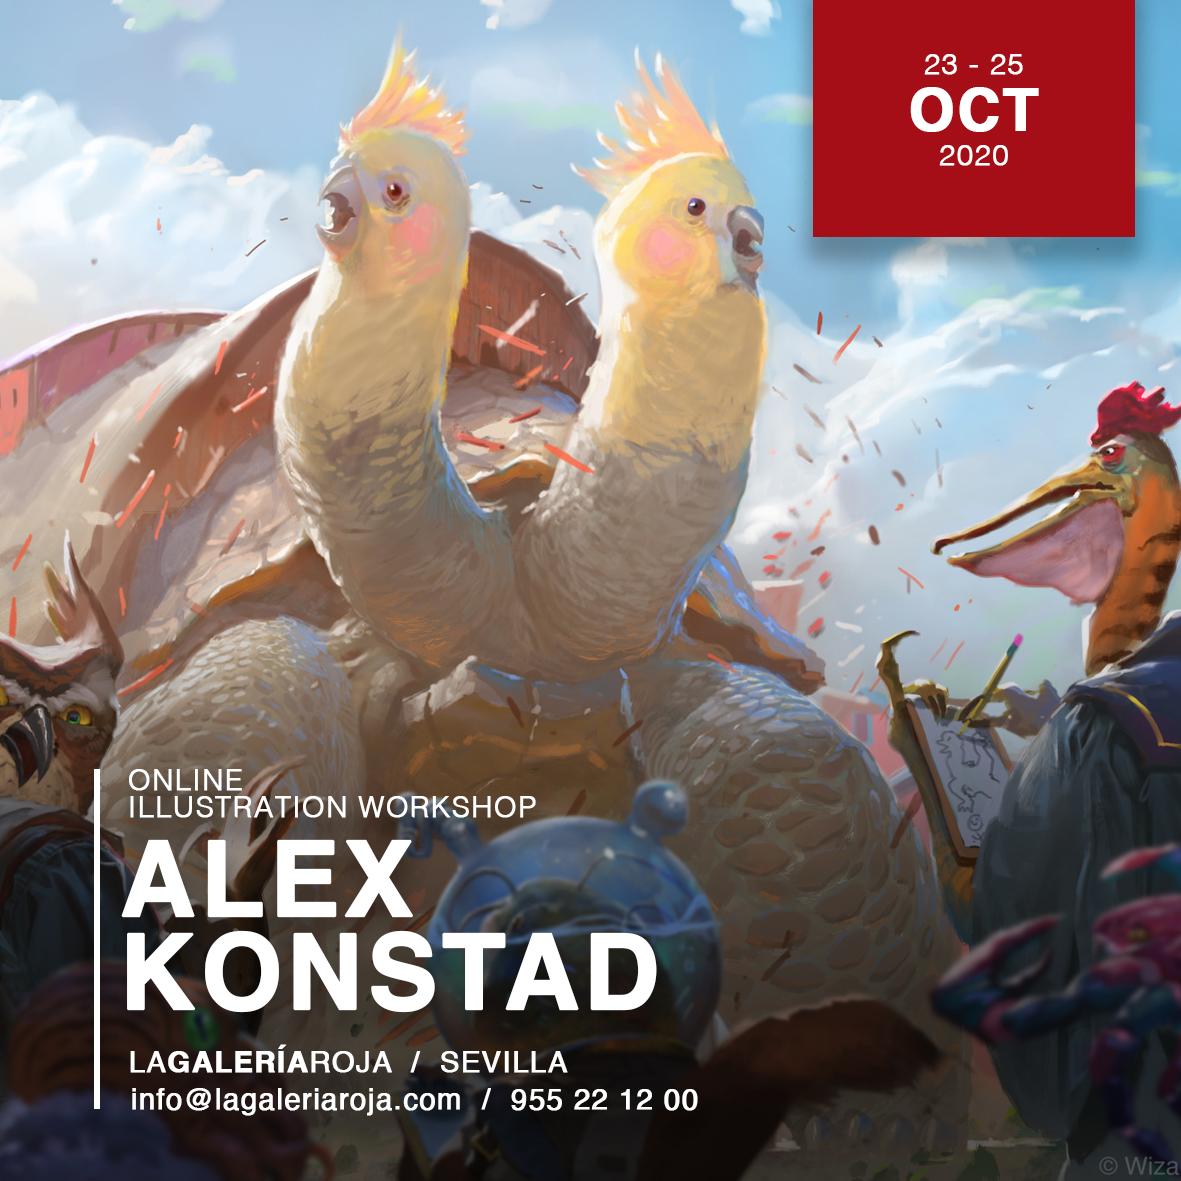 ALEX KONSTAD